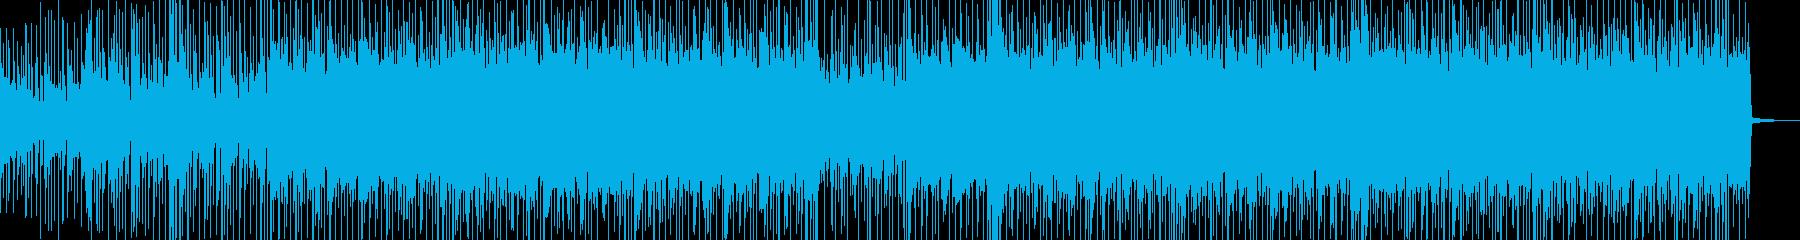 明るく弾ける感じのBGMの再生済みの波形